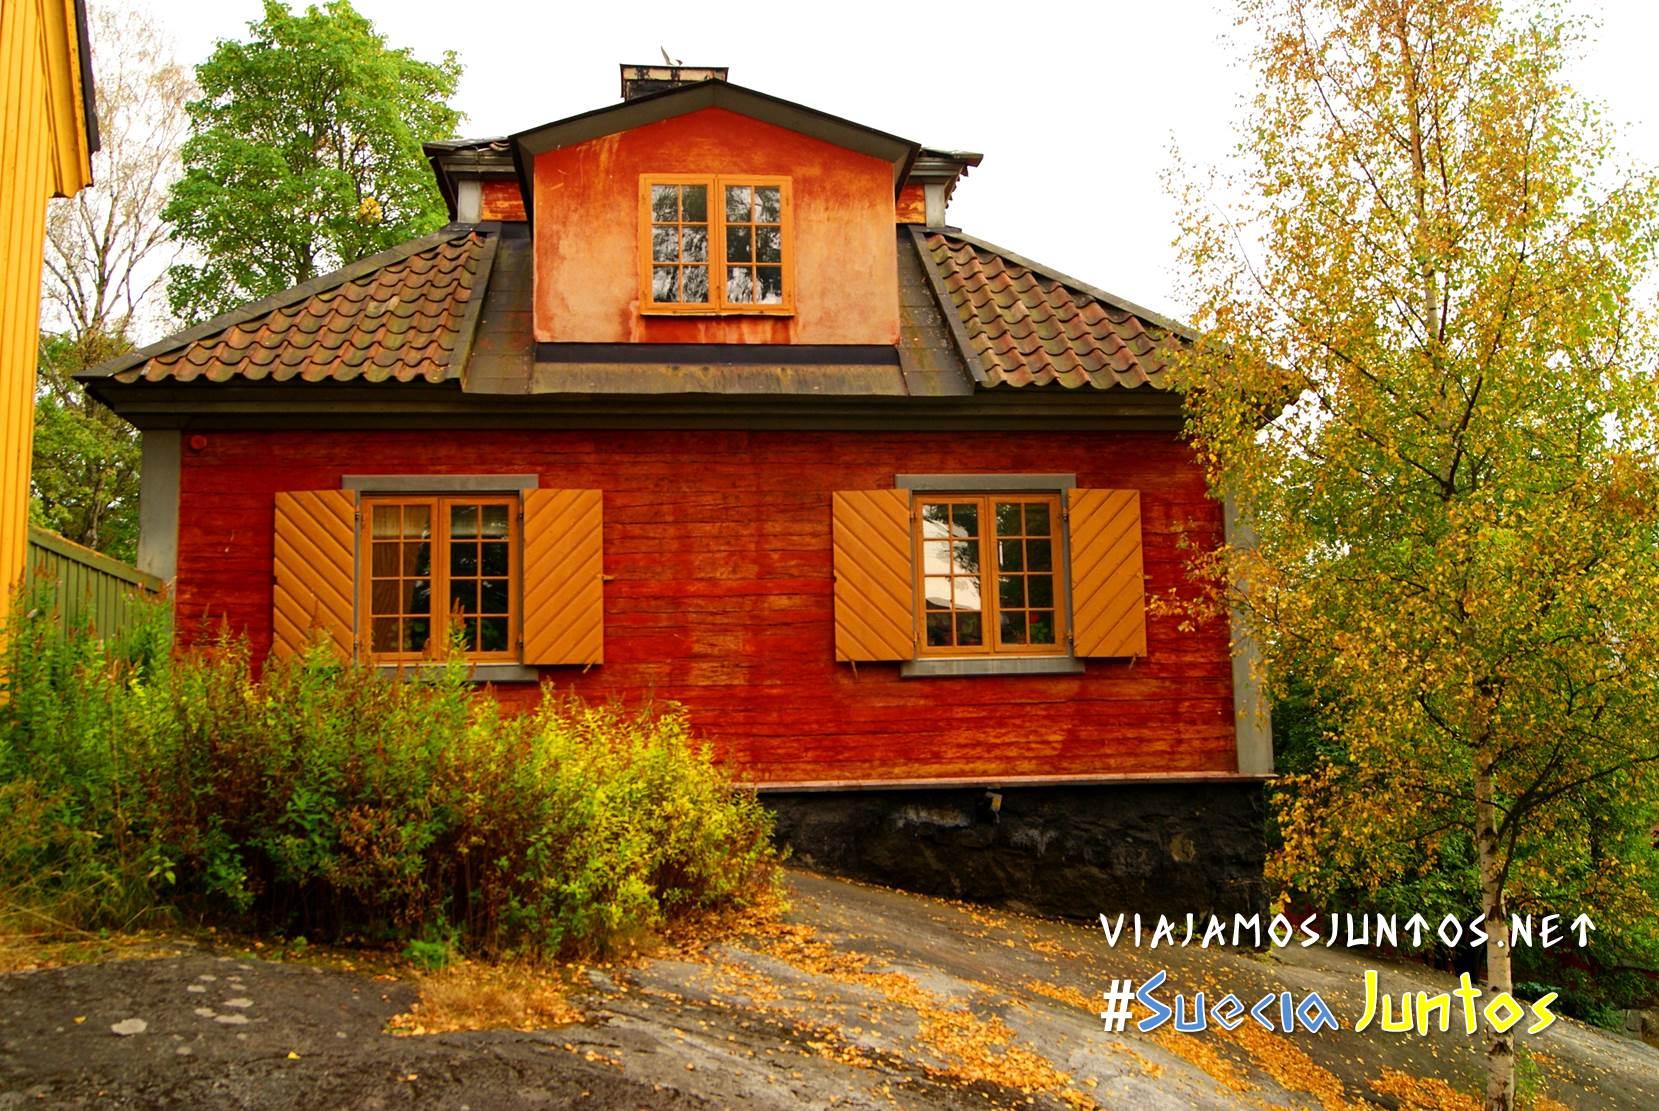 Casas típicas en Skansen, Estocolmo, Suecia